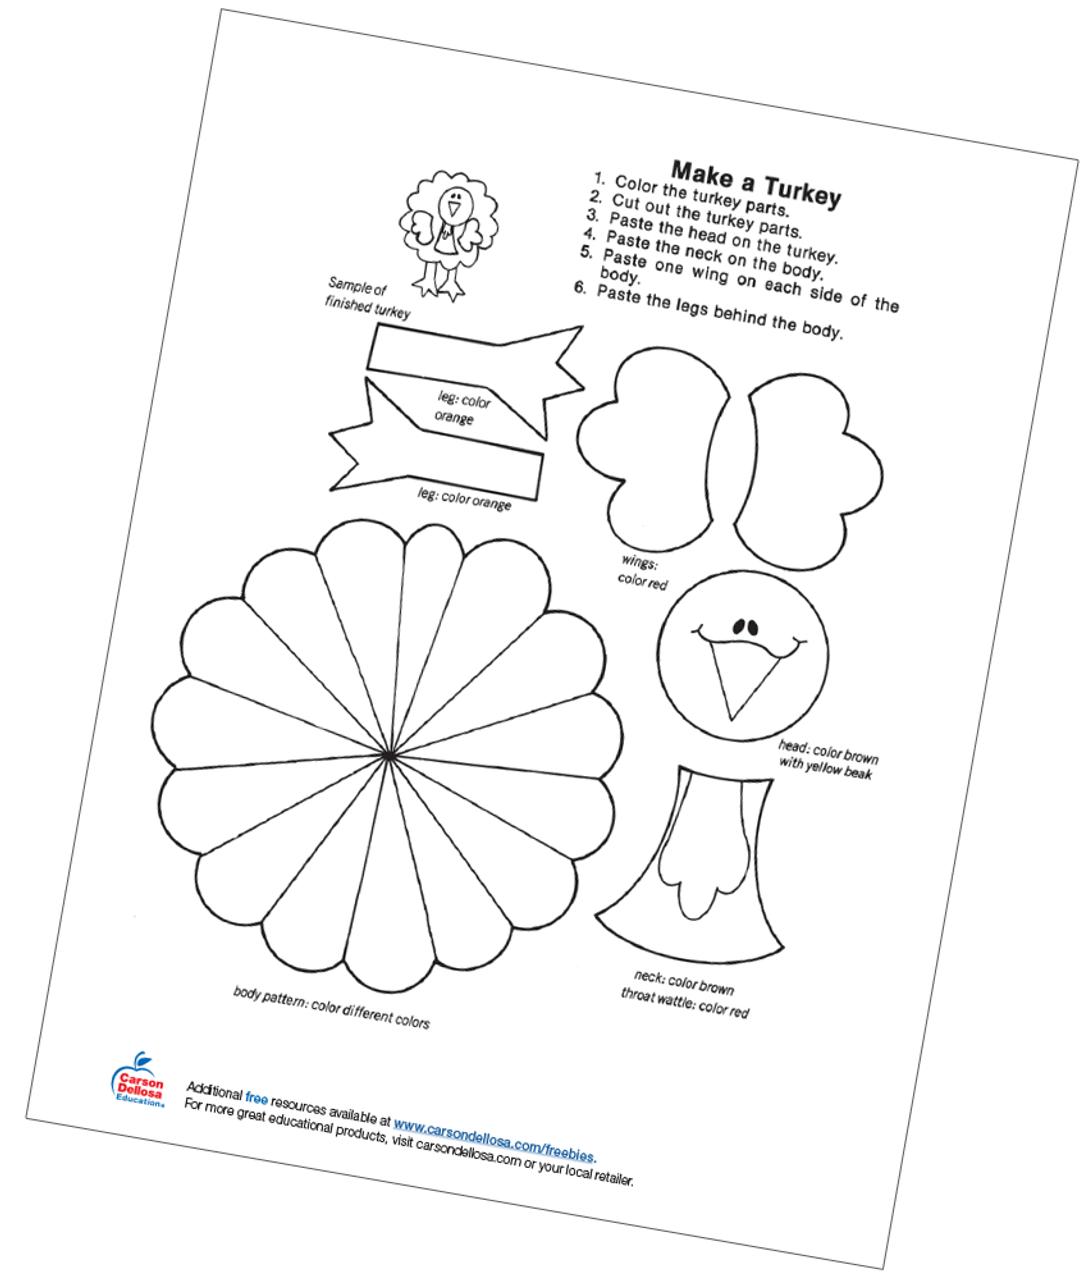 Make A Turkey Free Printable | Carson Dellosa